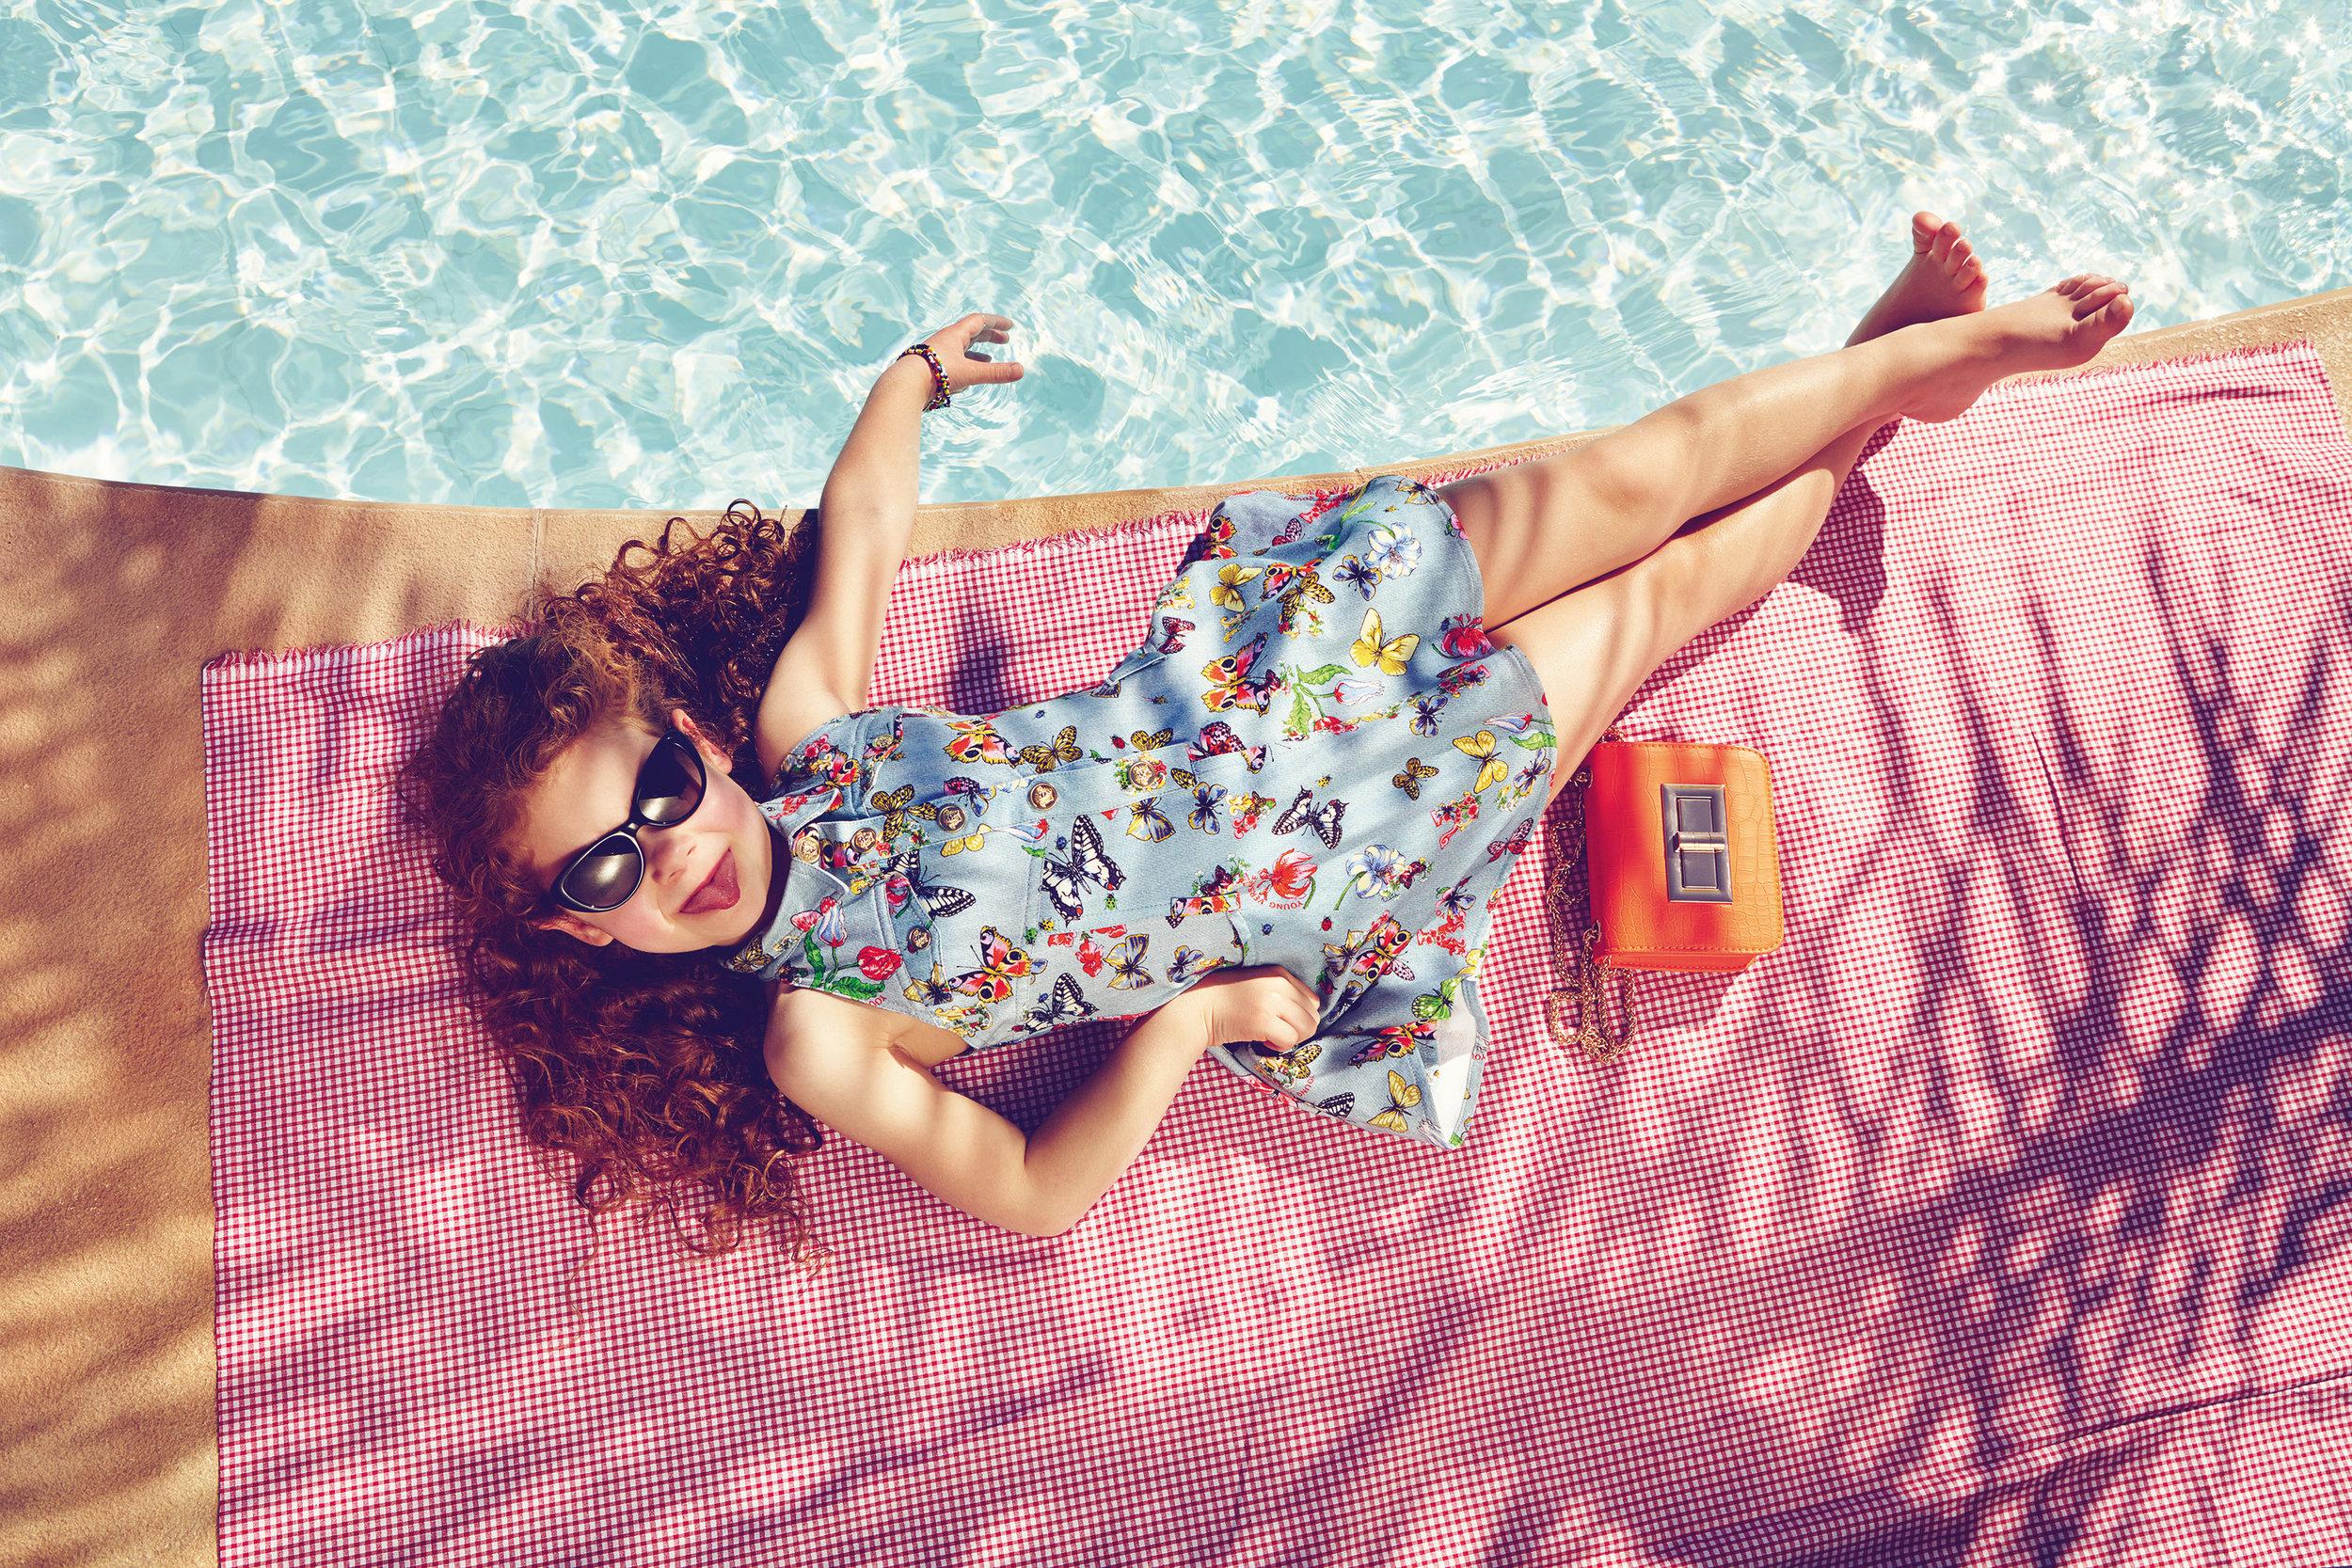 Ilve Little little girl lying by pool